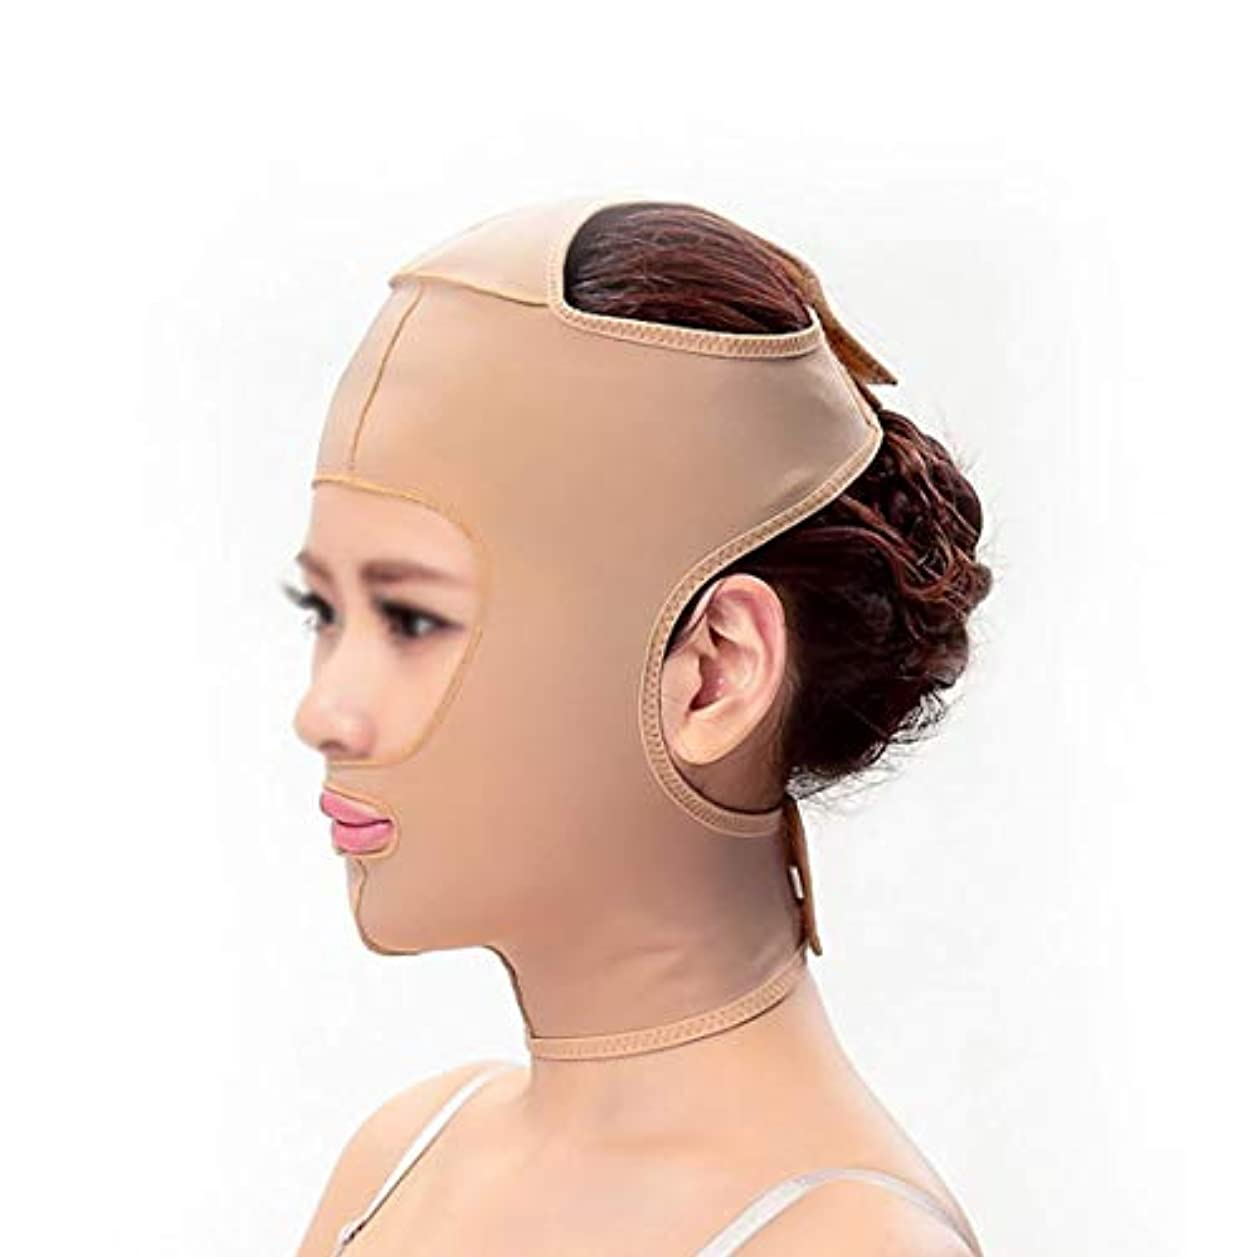 の中でうなり声ボーカルスリミングベルト、二重あごの引き締め顔面プラスチックフェイスアーティファクト強力なフェイスバンデージをサイズアップするために顔面マスクシンフェイスマスク,S